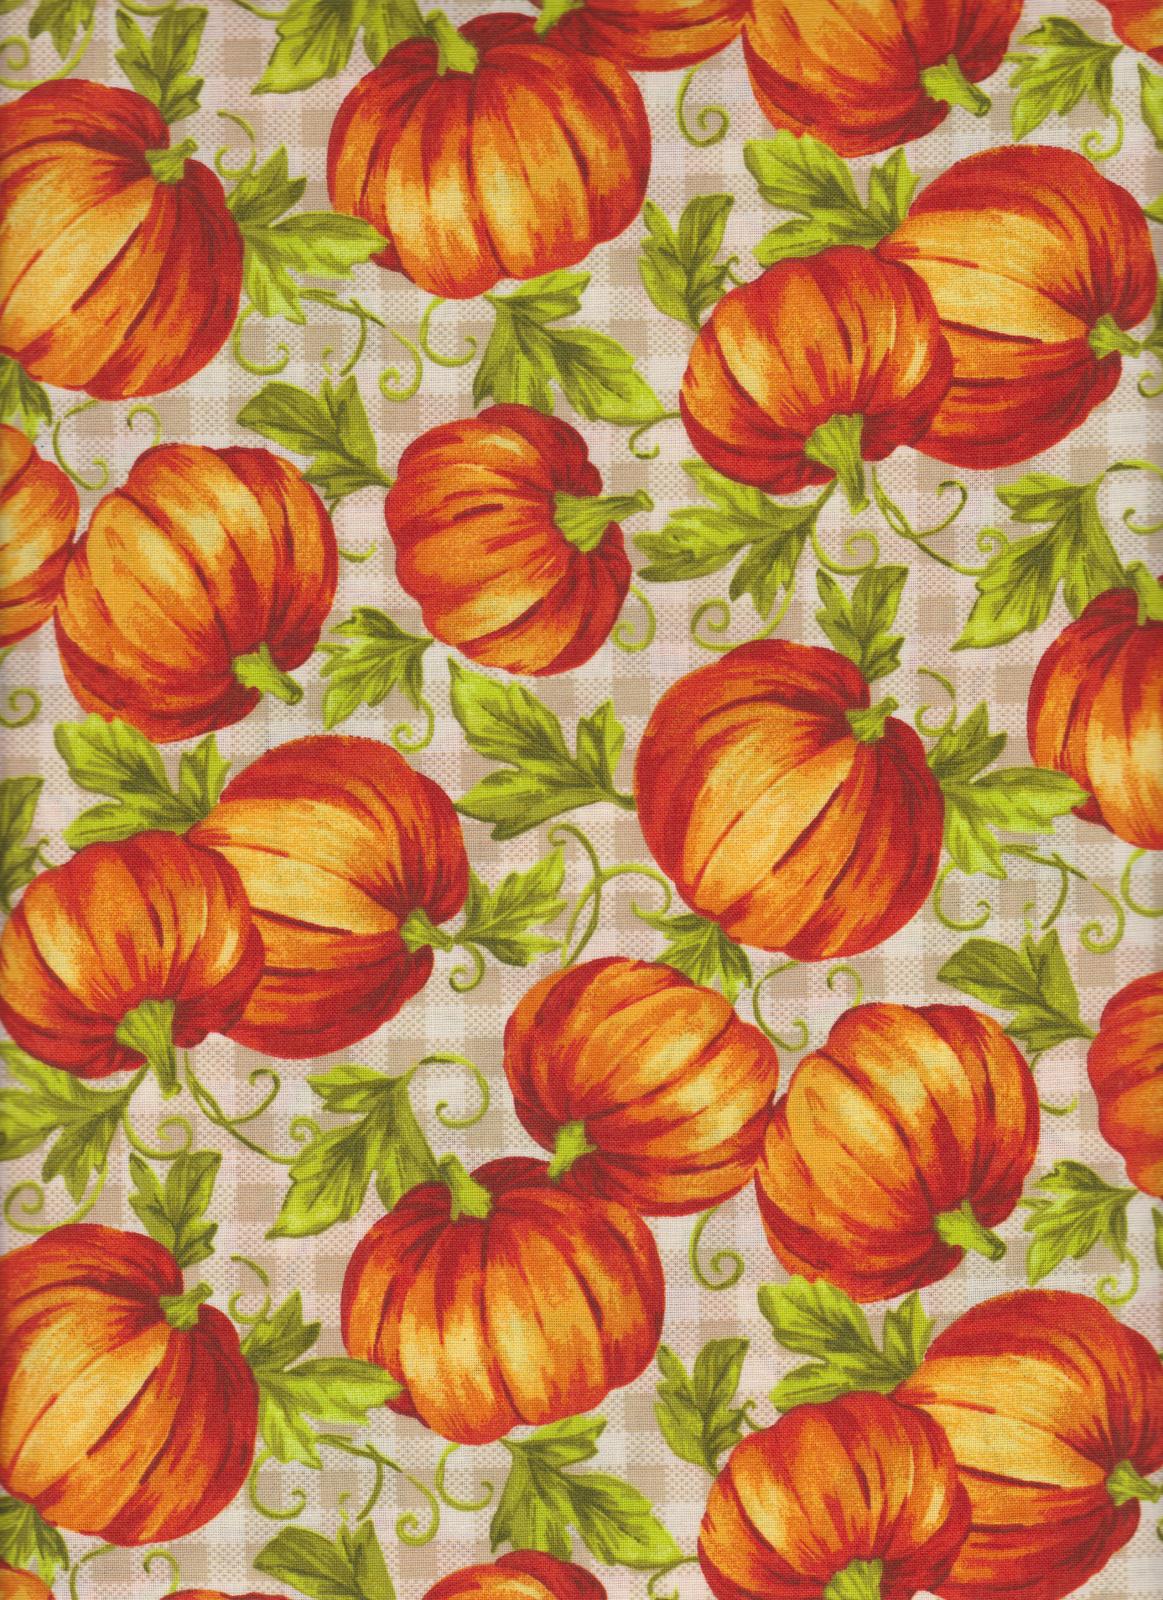 Leafy Pumpkins 17818 on Plaid